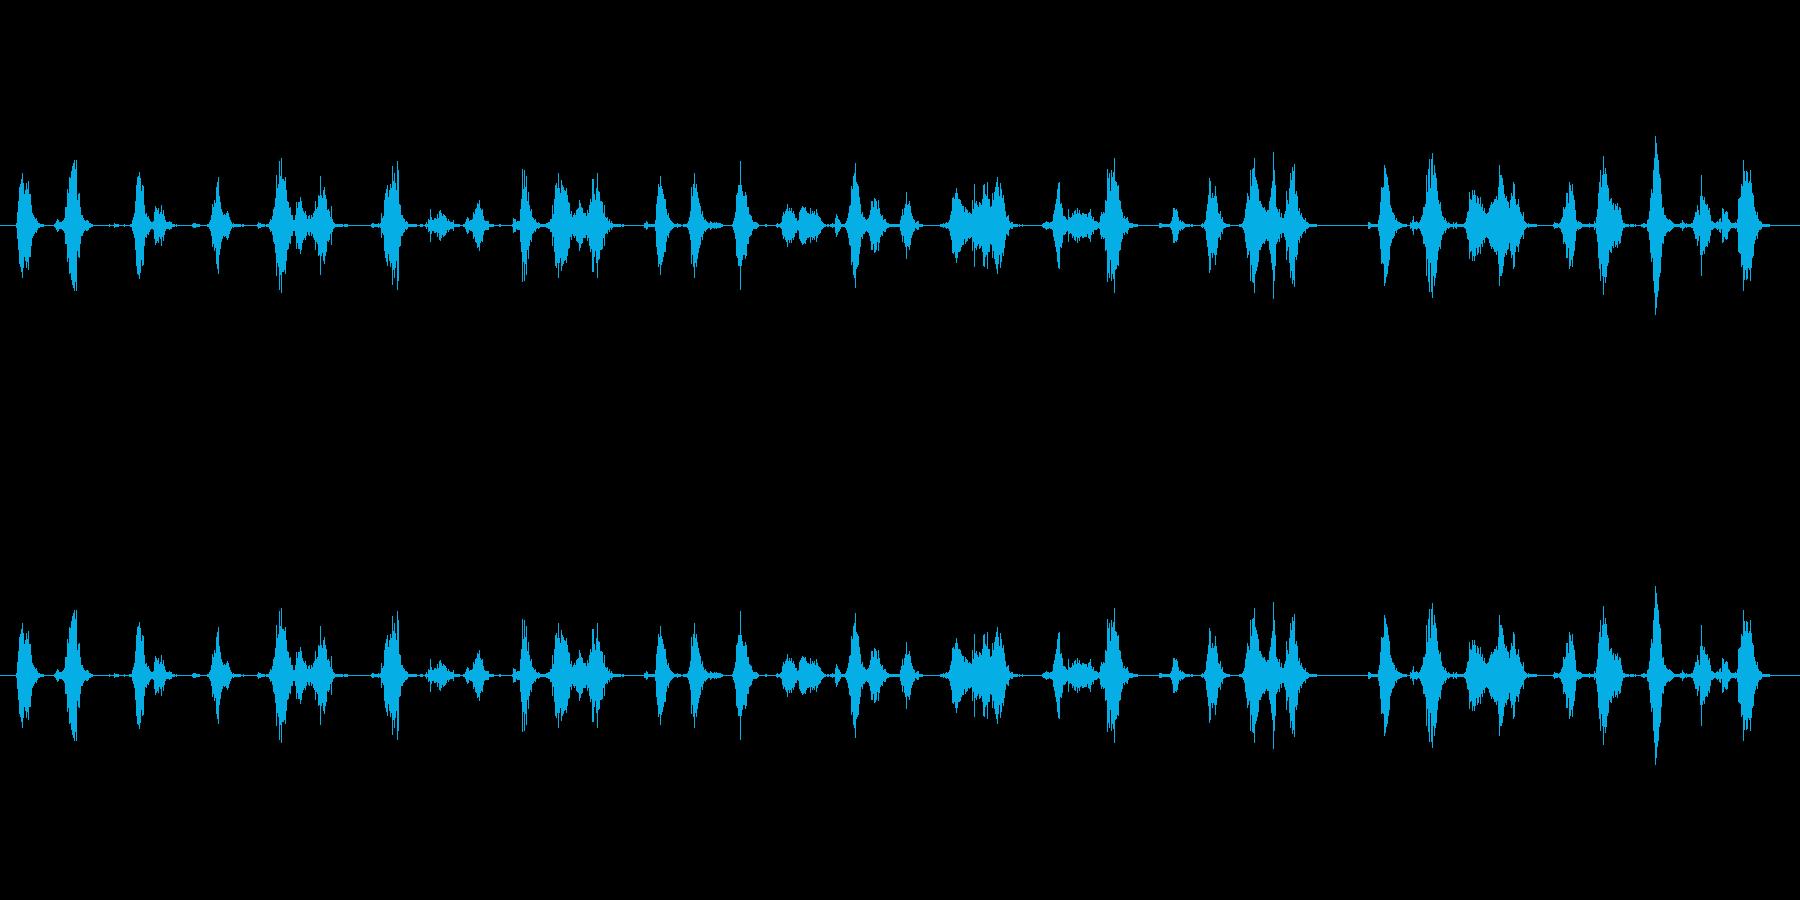 【ボールペン01-02(書く)】の再生済みの波形